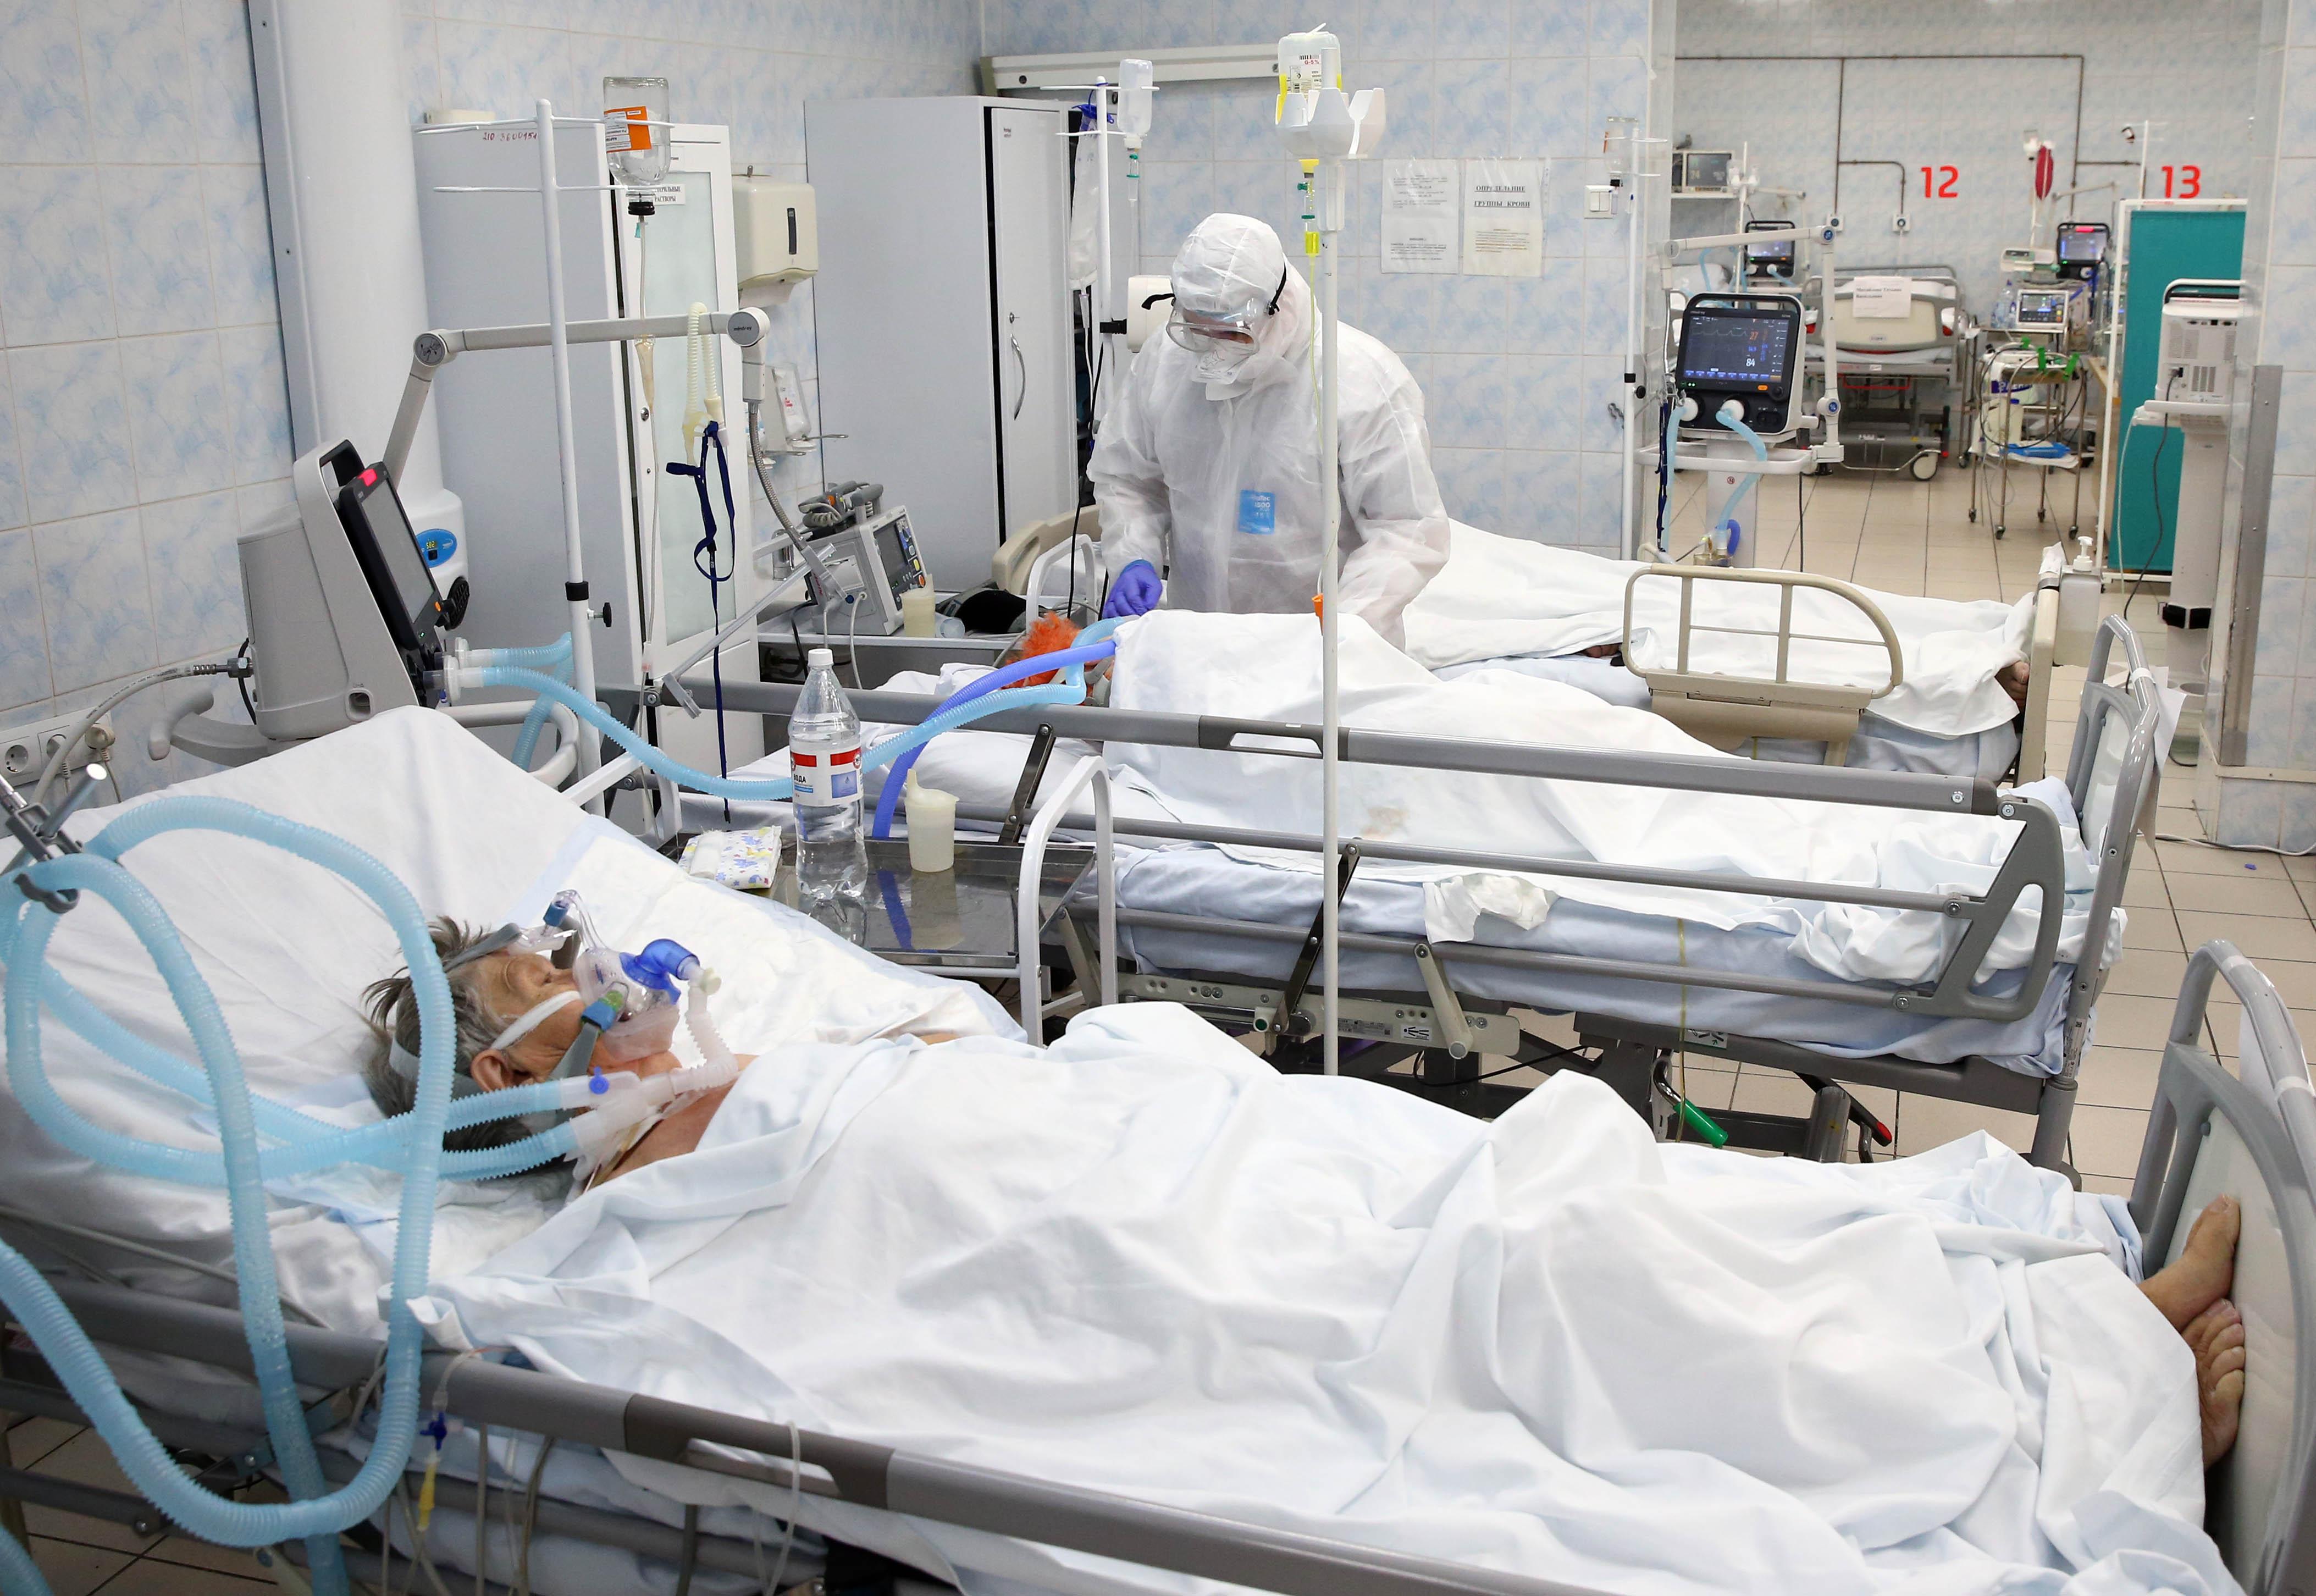 'Это предел': Глава Минздрава Украины признал, что возможности медицинской системы страны исчерпаны